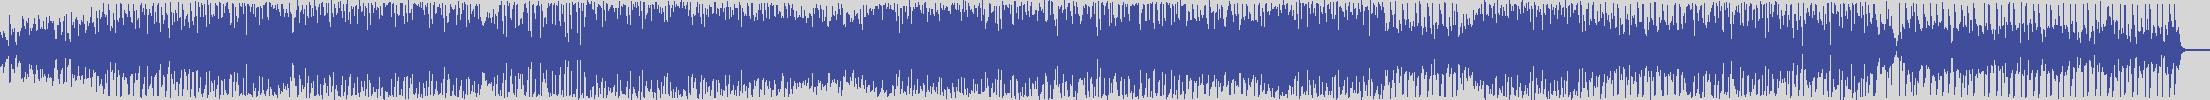 smilax_dig_records [SDR001] Valientes Hermanos, Hombre - No Me Formes Lio [Original Mix] audio wave form